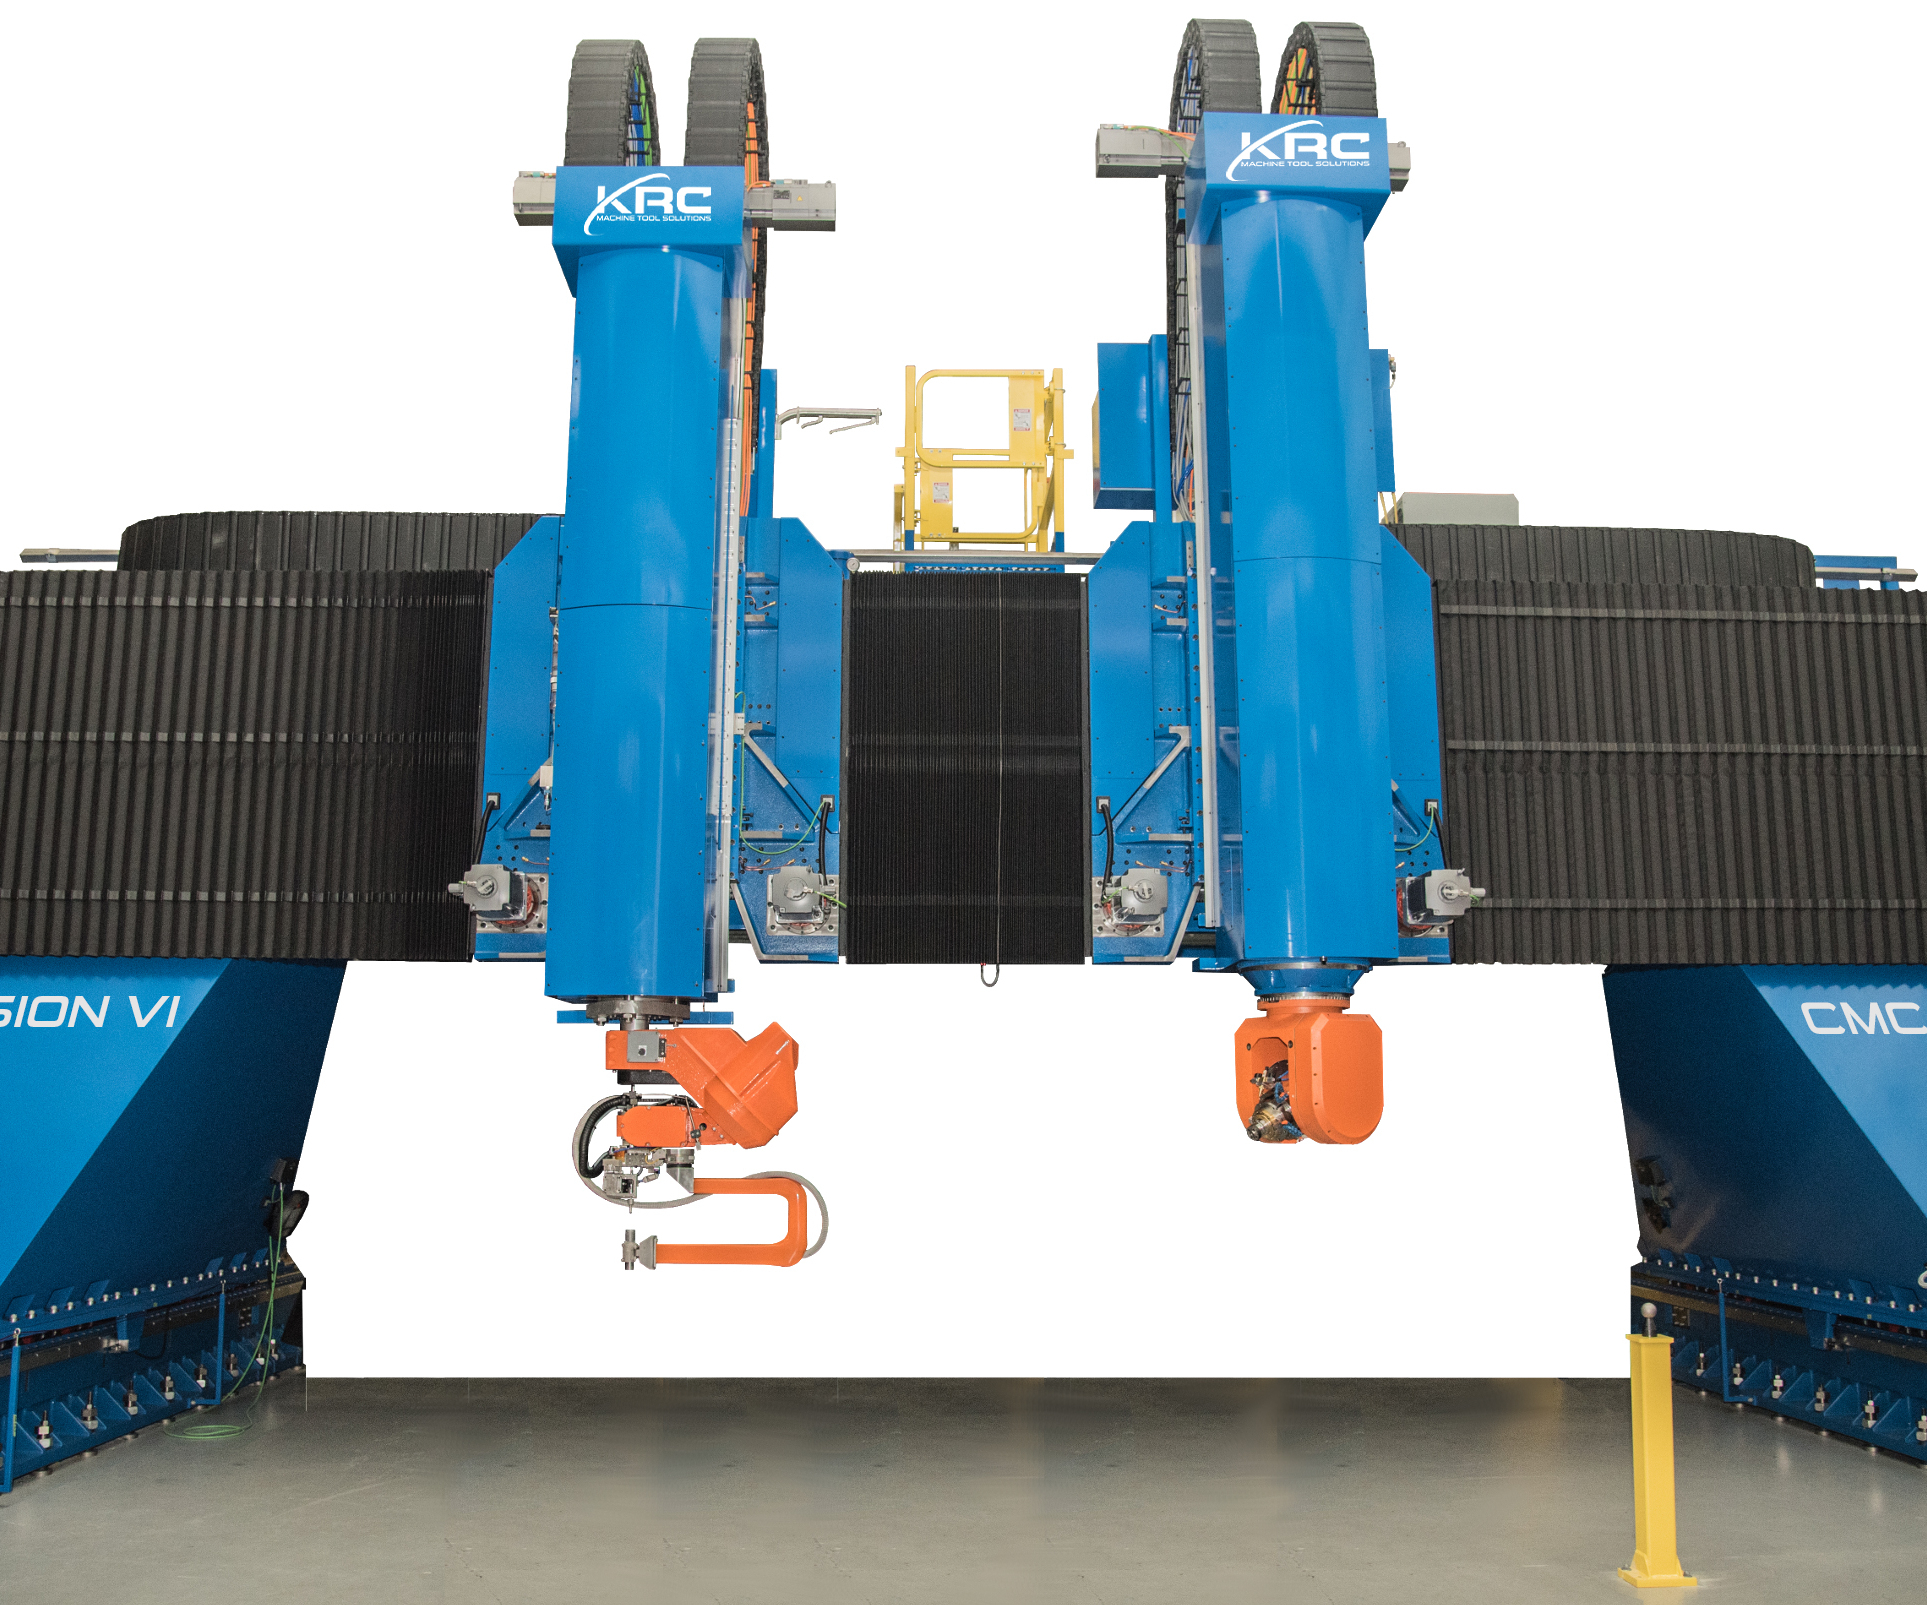 KRC Machine Tool Solutions, Fusion VI.